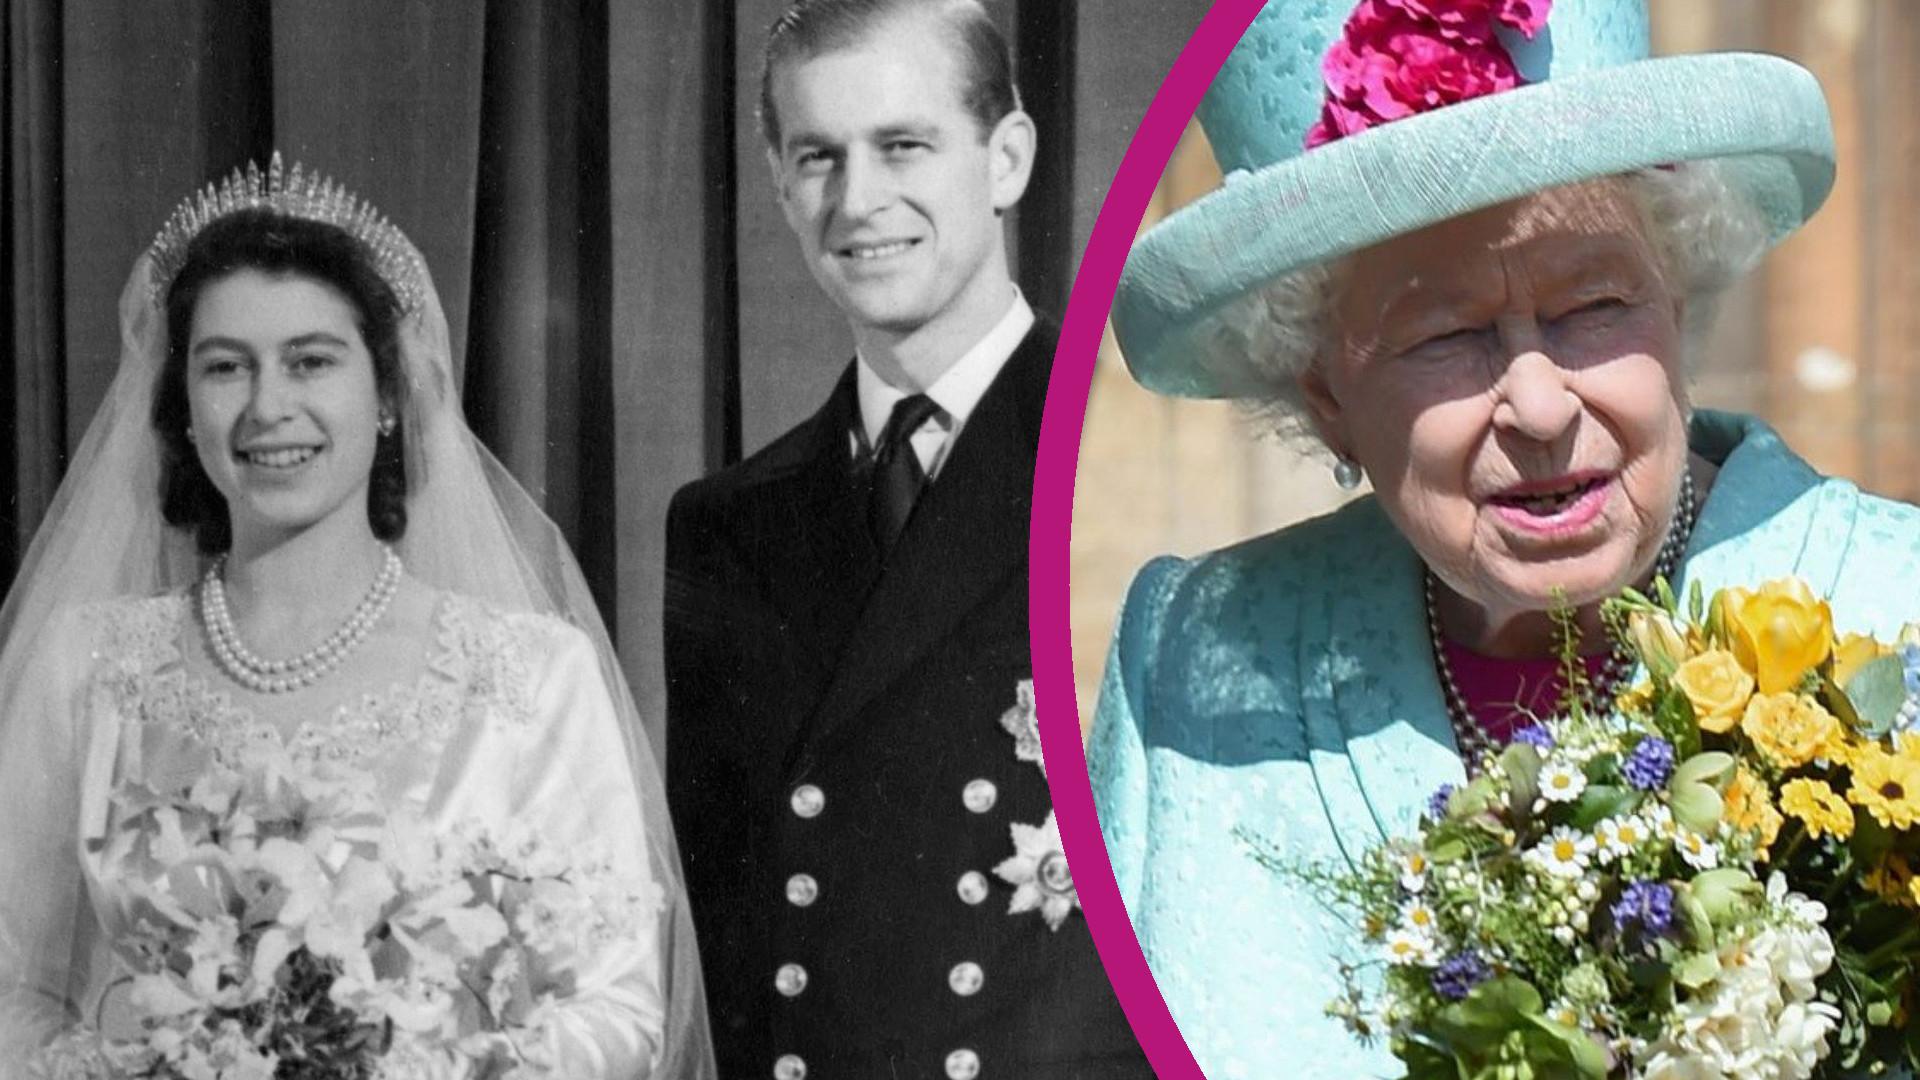 Królowa Elżbieta II świętuje 73. rocznicę ślubu. NOWE zdjęcie pary